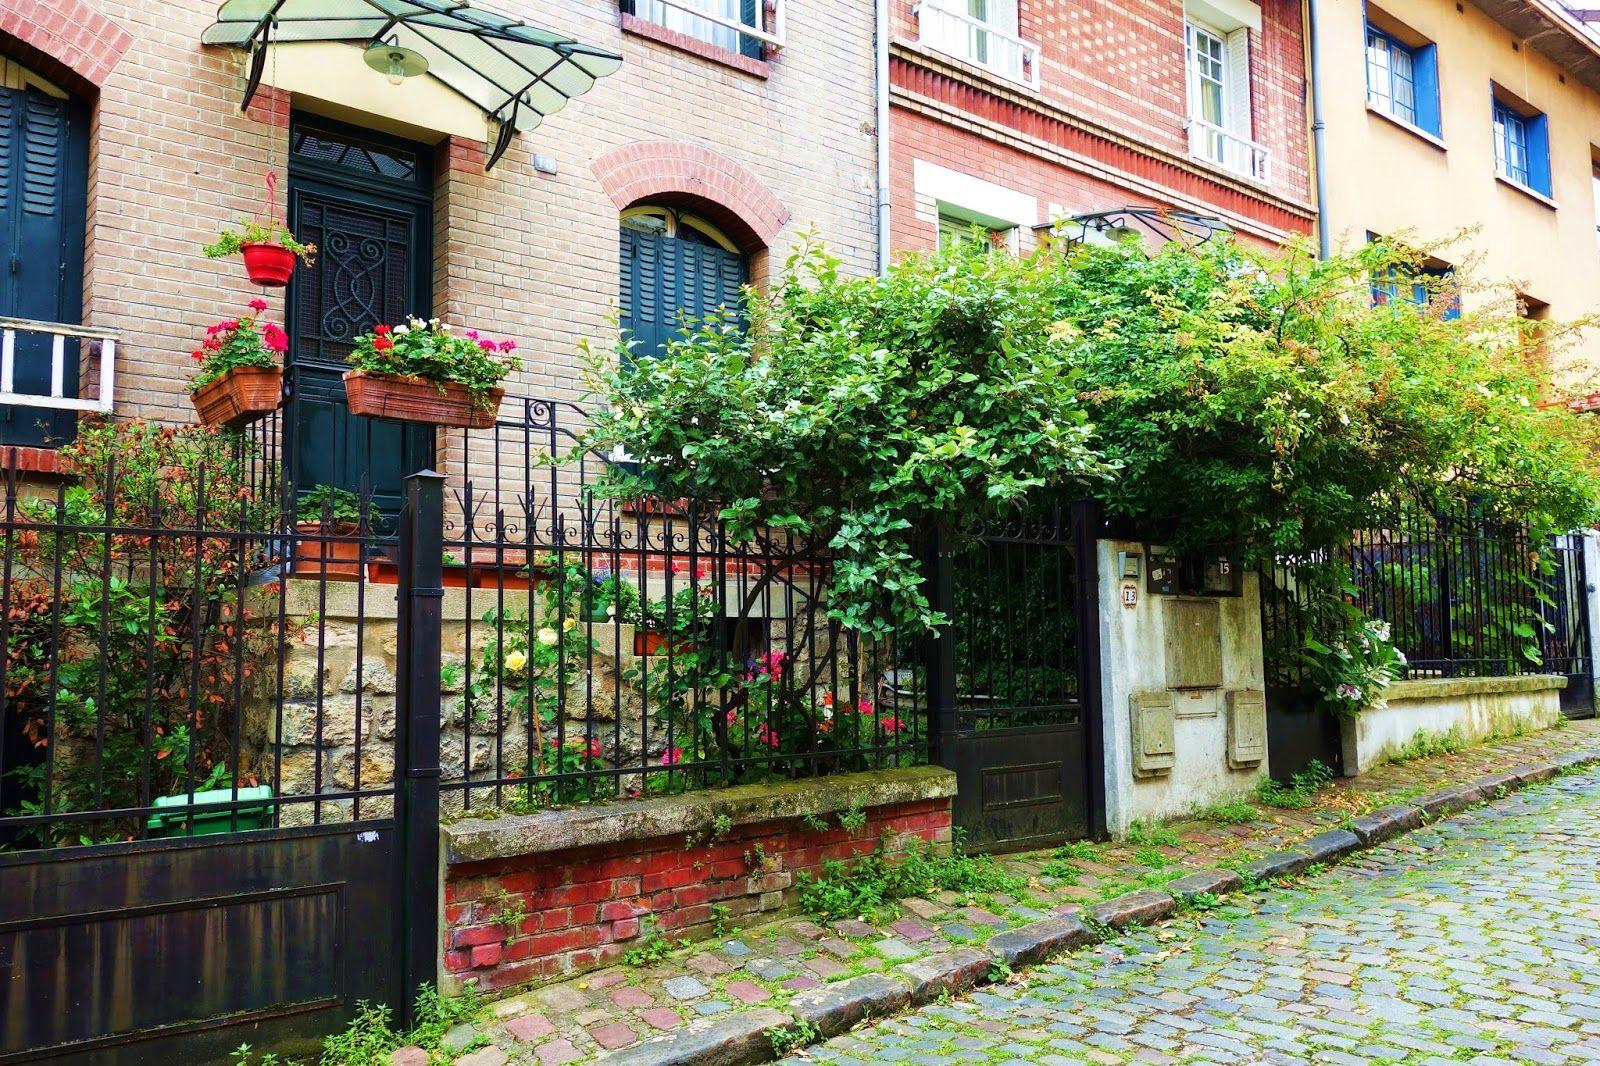 Paris : L'insolite square Montsouris, verdoyante allée résidentielle - XIVème | Paris la douce